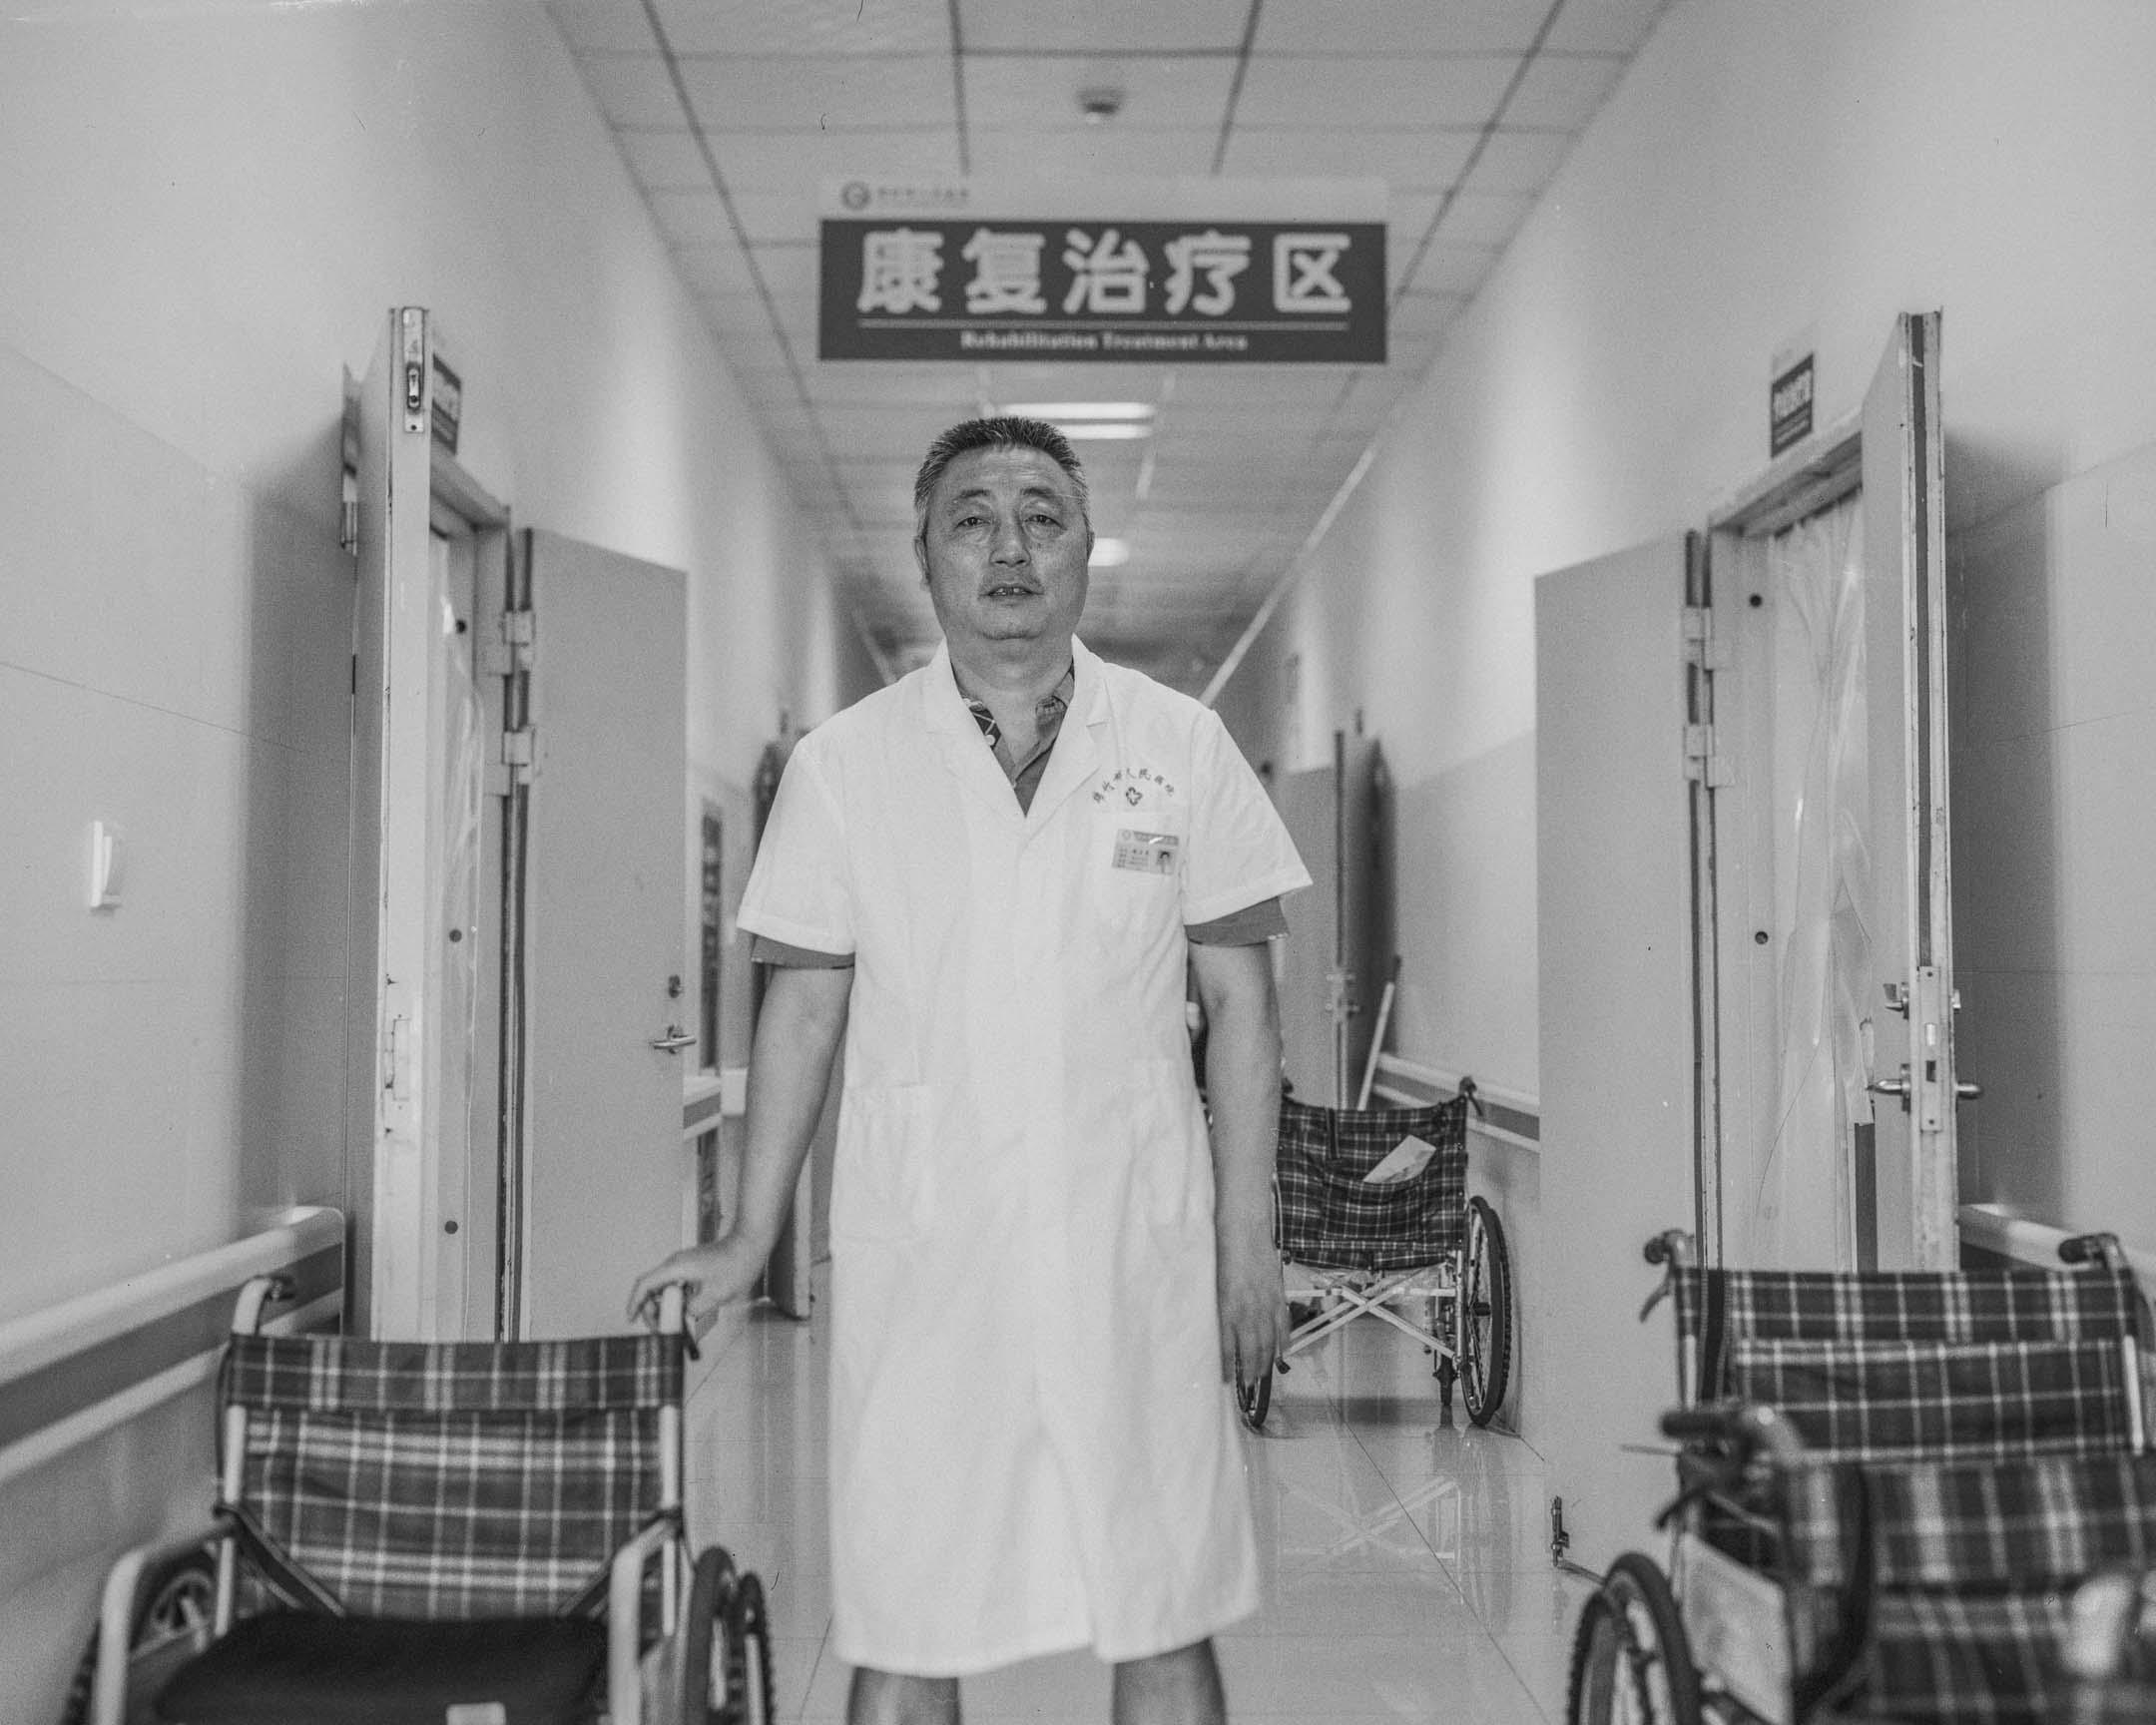 趙正恩,55歲,四川人,原綿竹人民醫院骨科醫生,震後在香港福幼基金會等機構的幫扶下籌建康復科,一年幫傷員做了737台二次手術,現為康復科主任。 攝:鄒璧宇/端傳媒